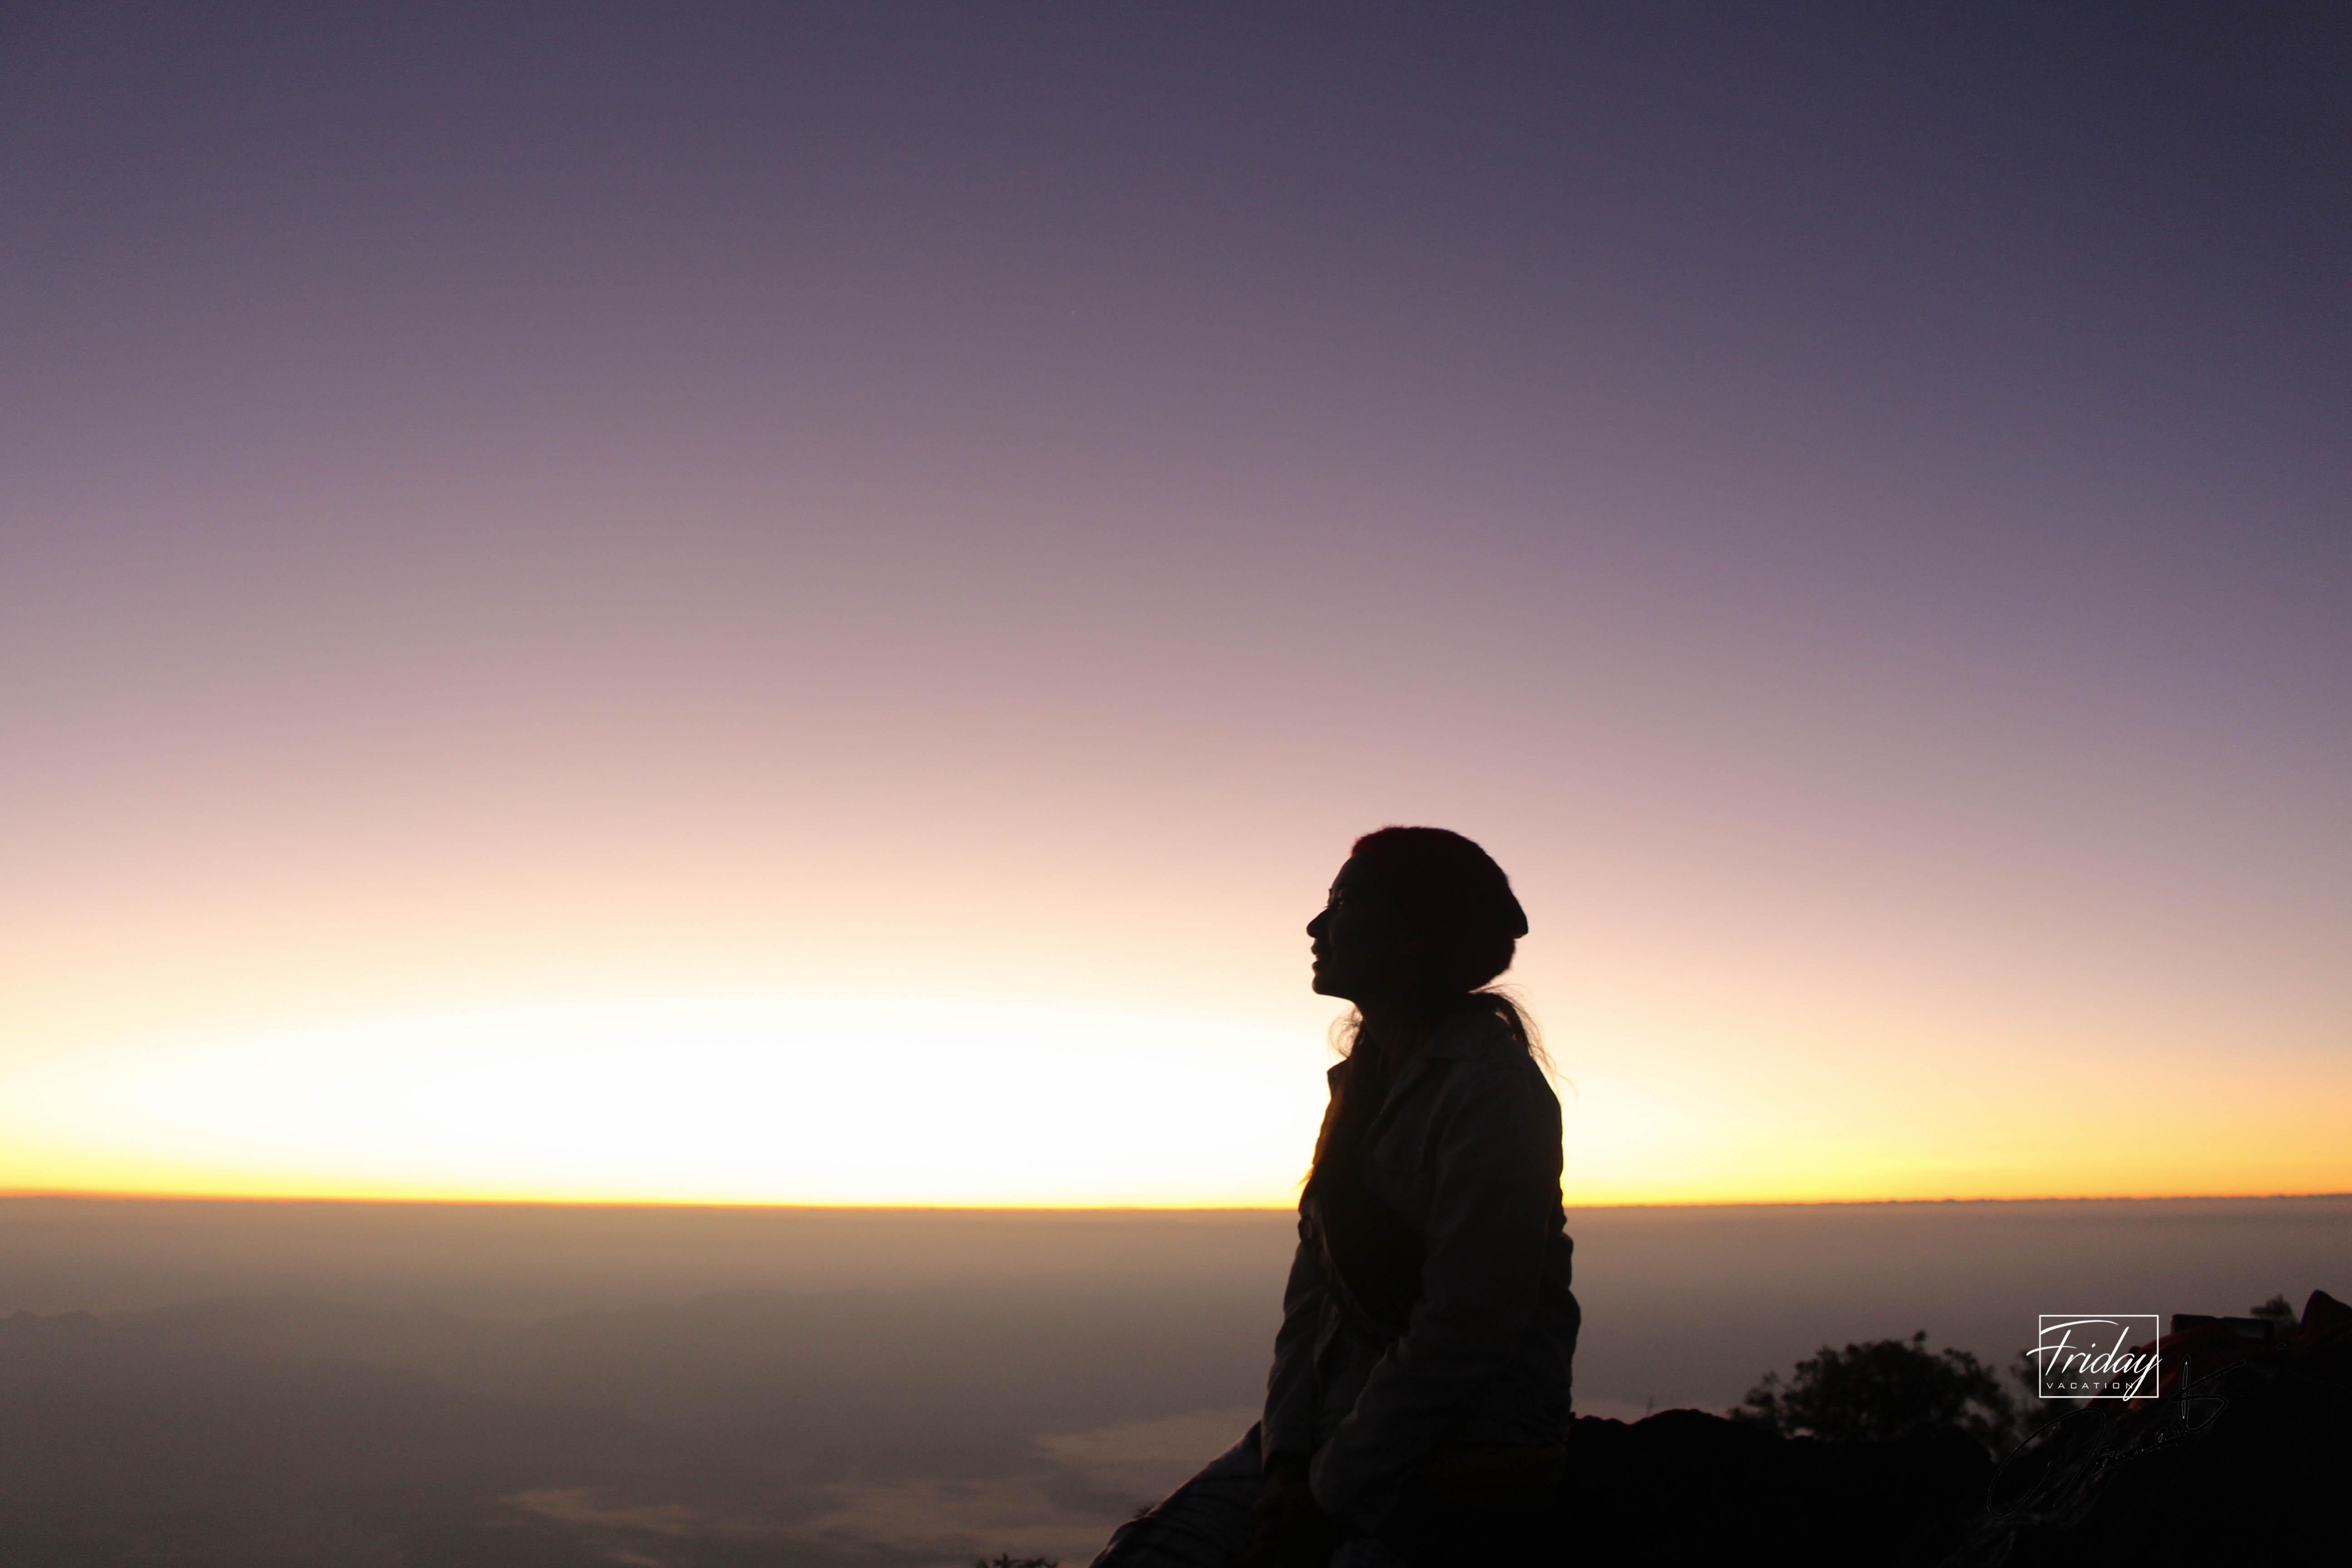 ดอยหลวงเชียงดาว จุดหมายปลายทางของนักเดินทางสายลุย นครศรีดีย์